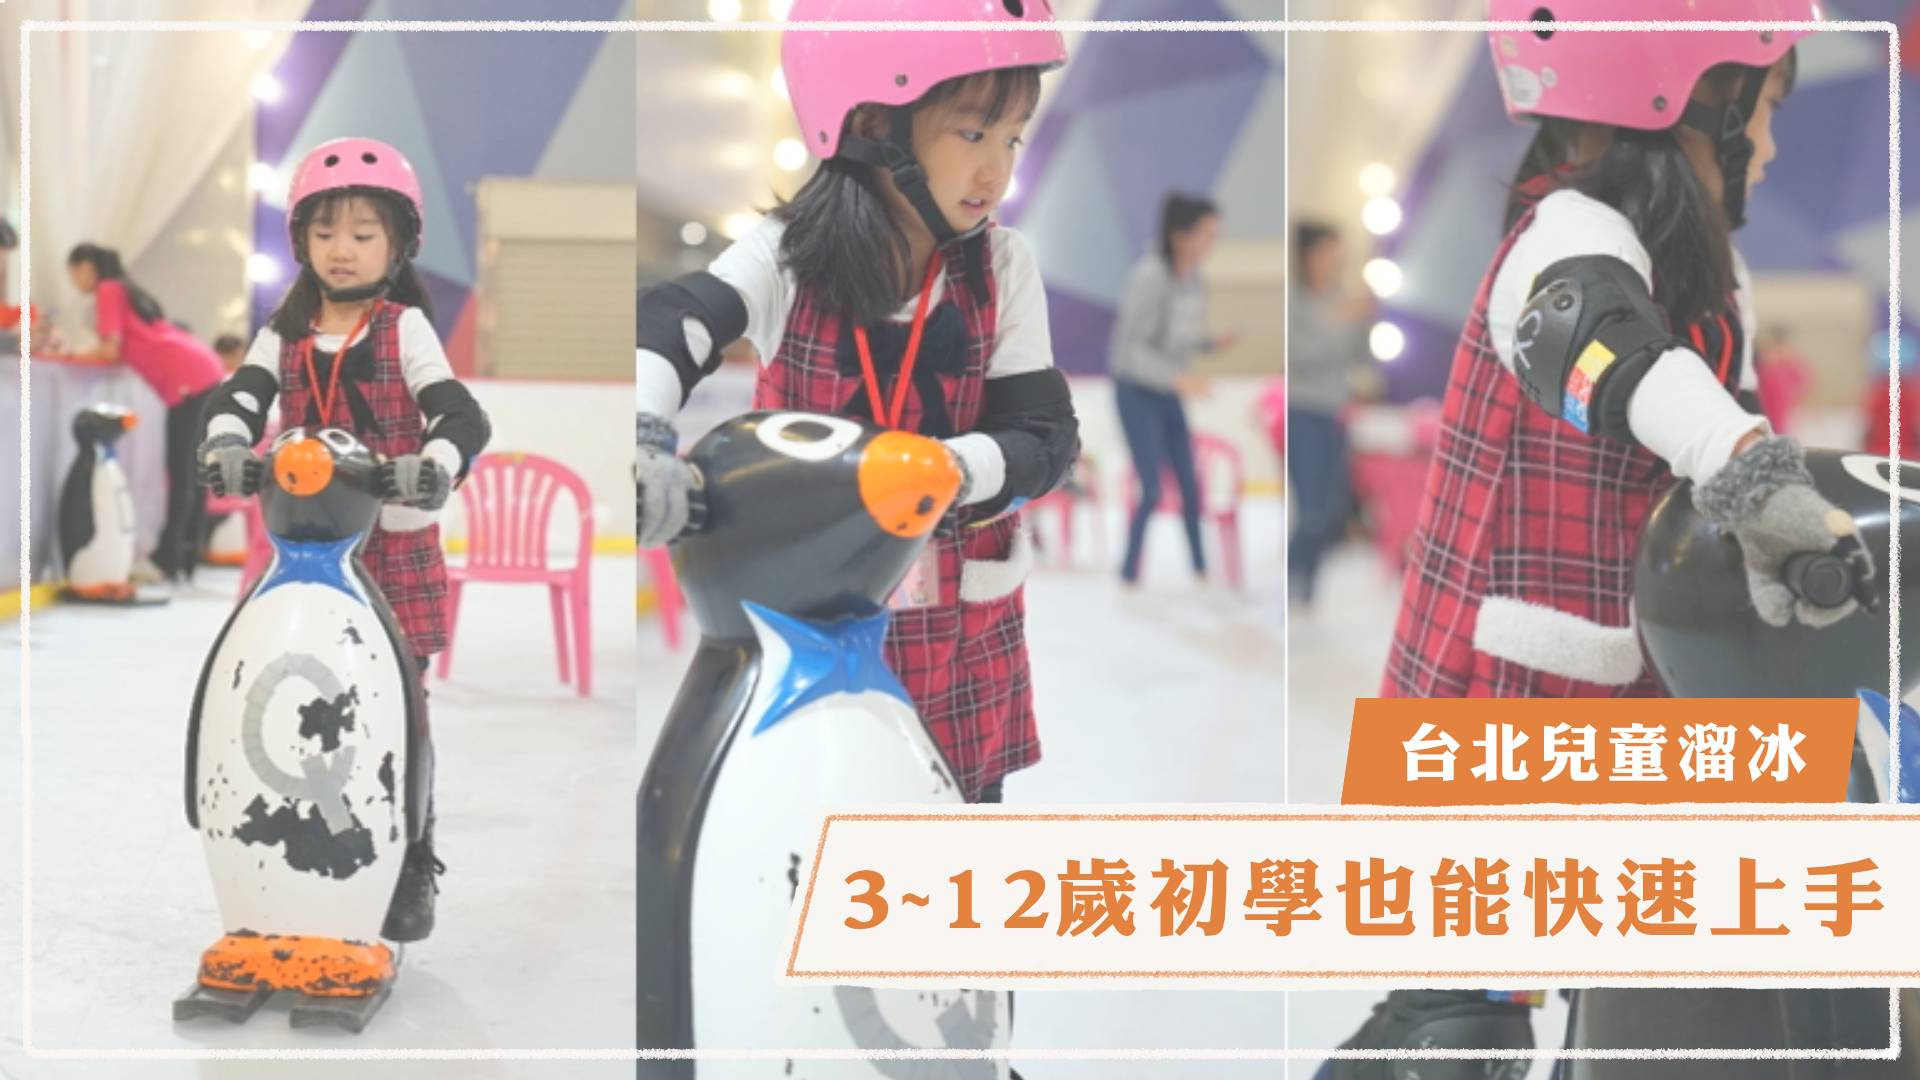 台北兒童溜冰 X 世紀星滑冰世界,3 ~ 12 歲初學也能快速上手